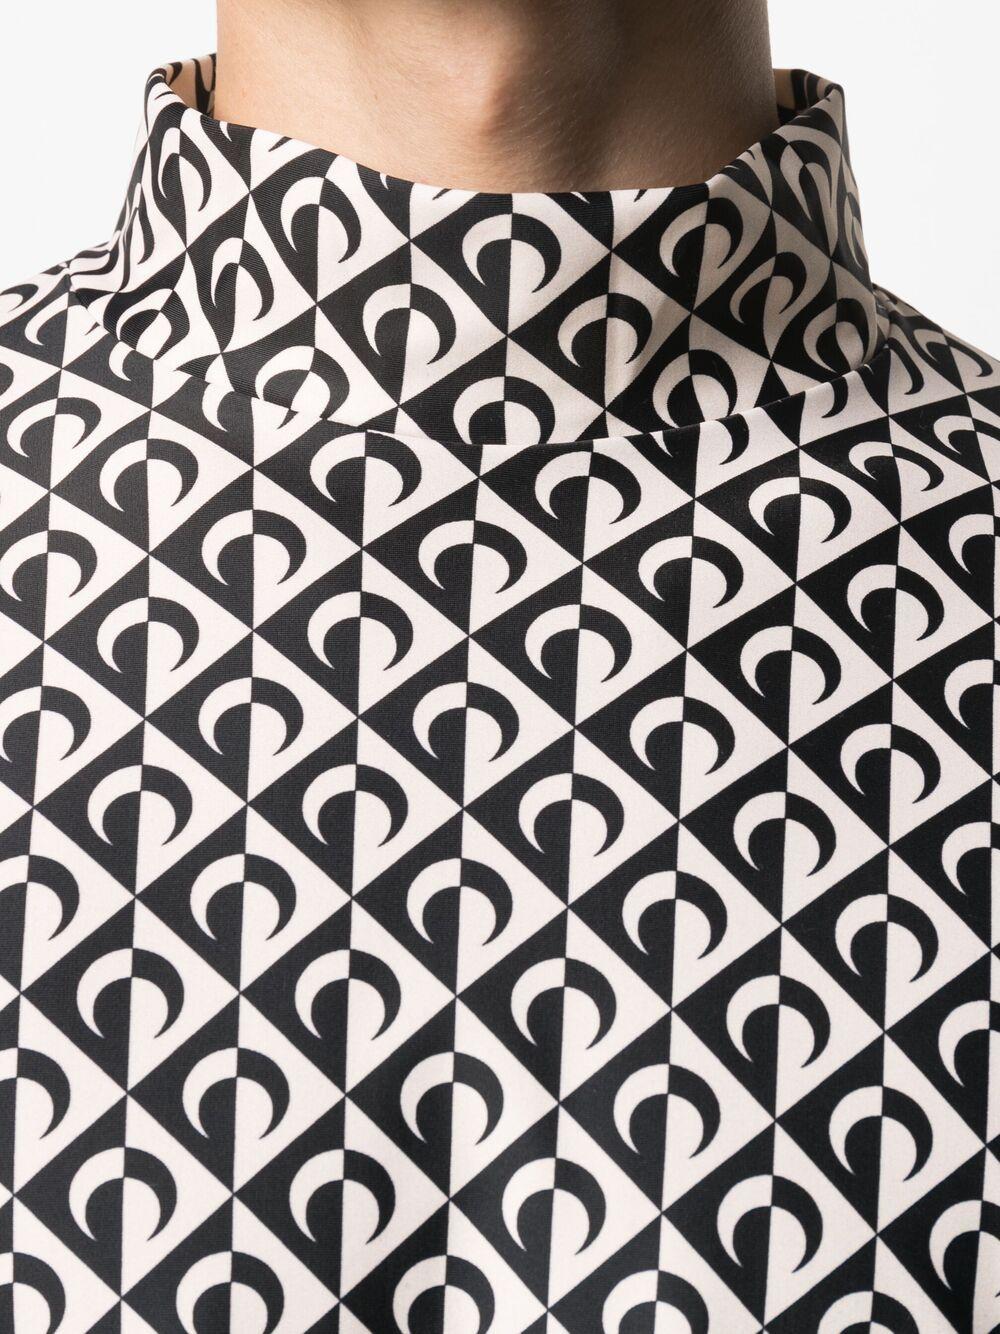 Marine Serre t-shirt a maniche lunghe con stampa uomo MARINE SERRE | T-shirt | T088SS21M-JERPA002000